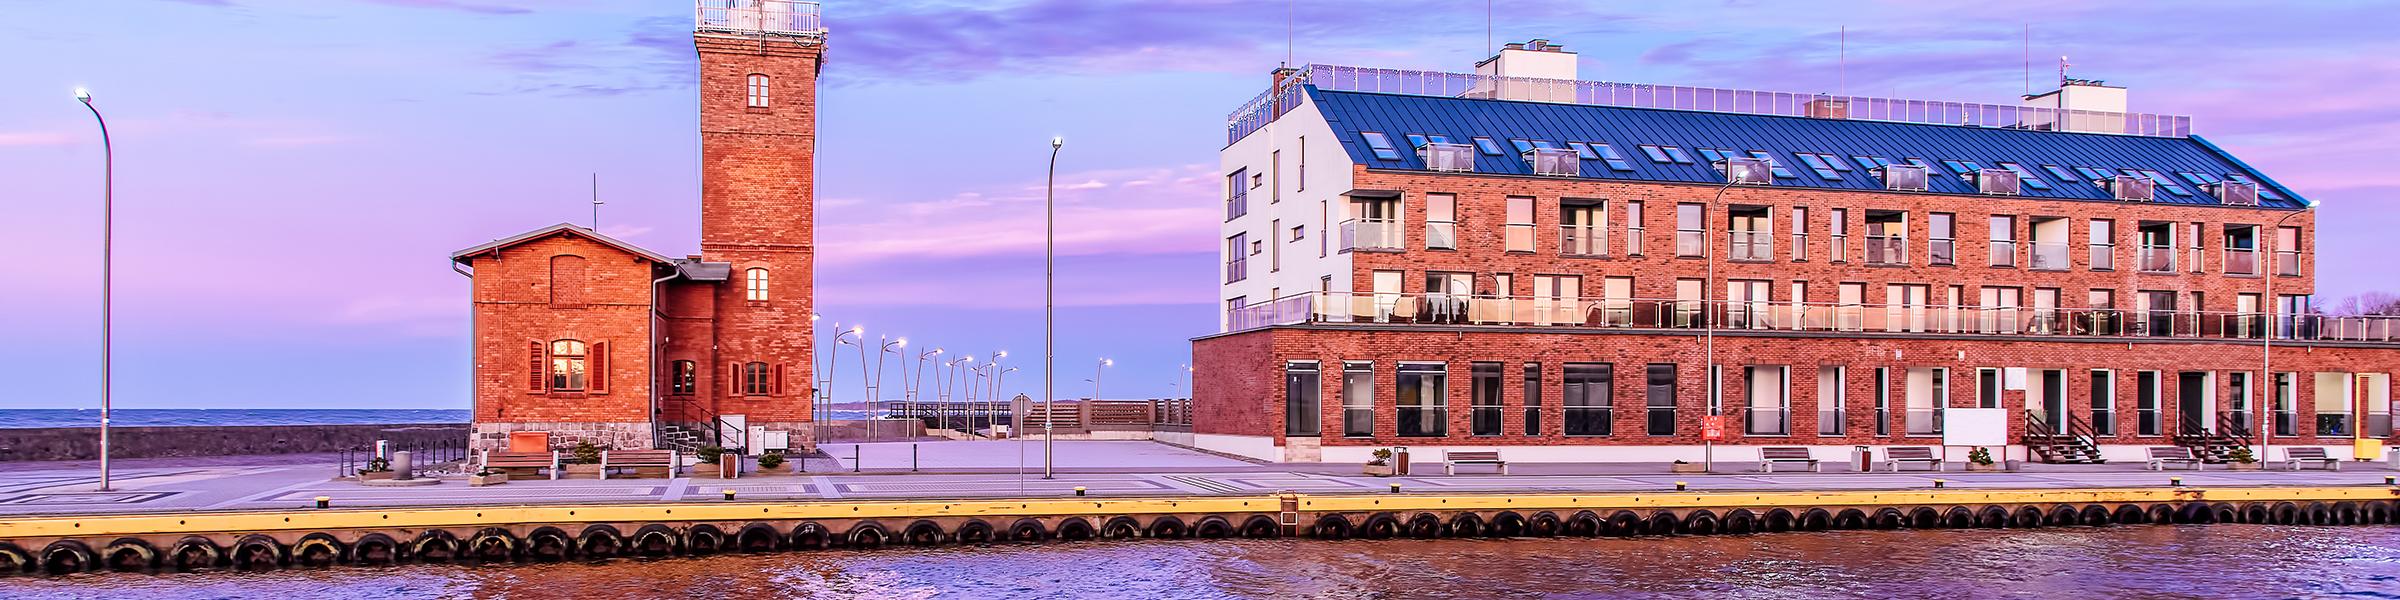 Leuchtturm Darlowko Polnische Ostsee